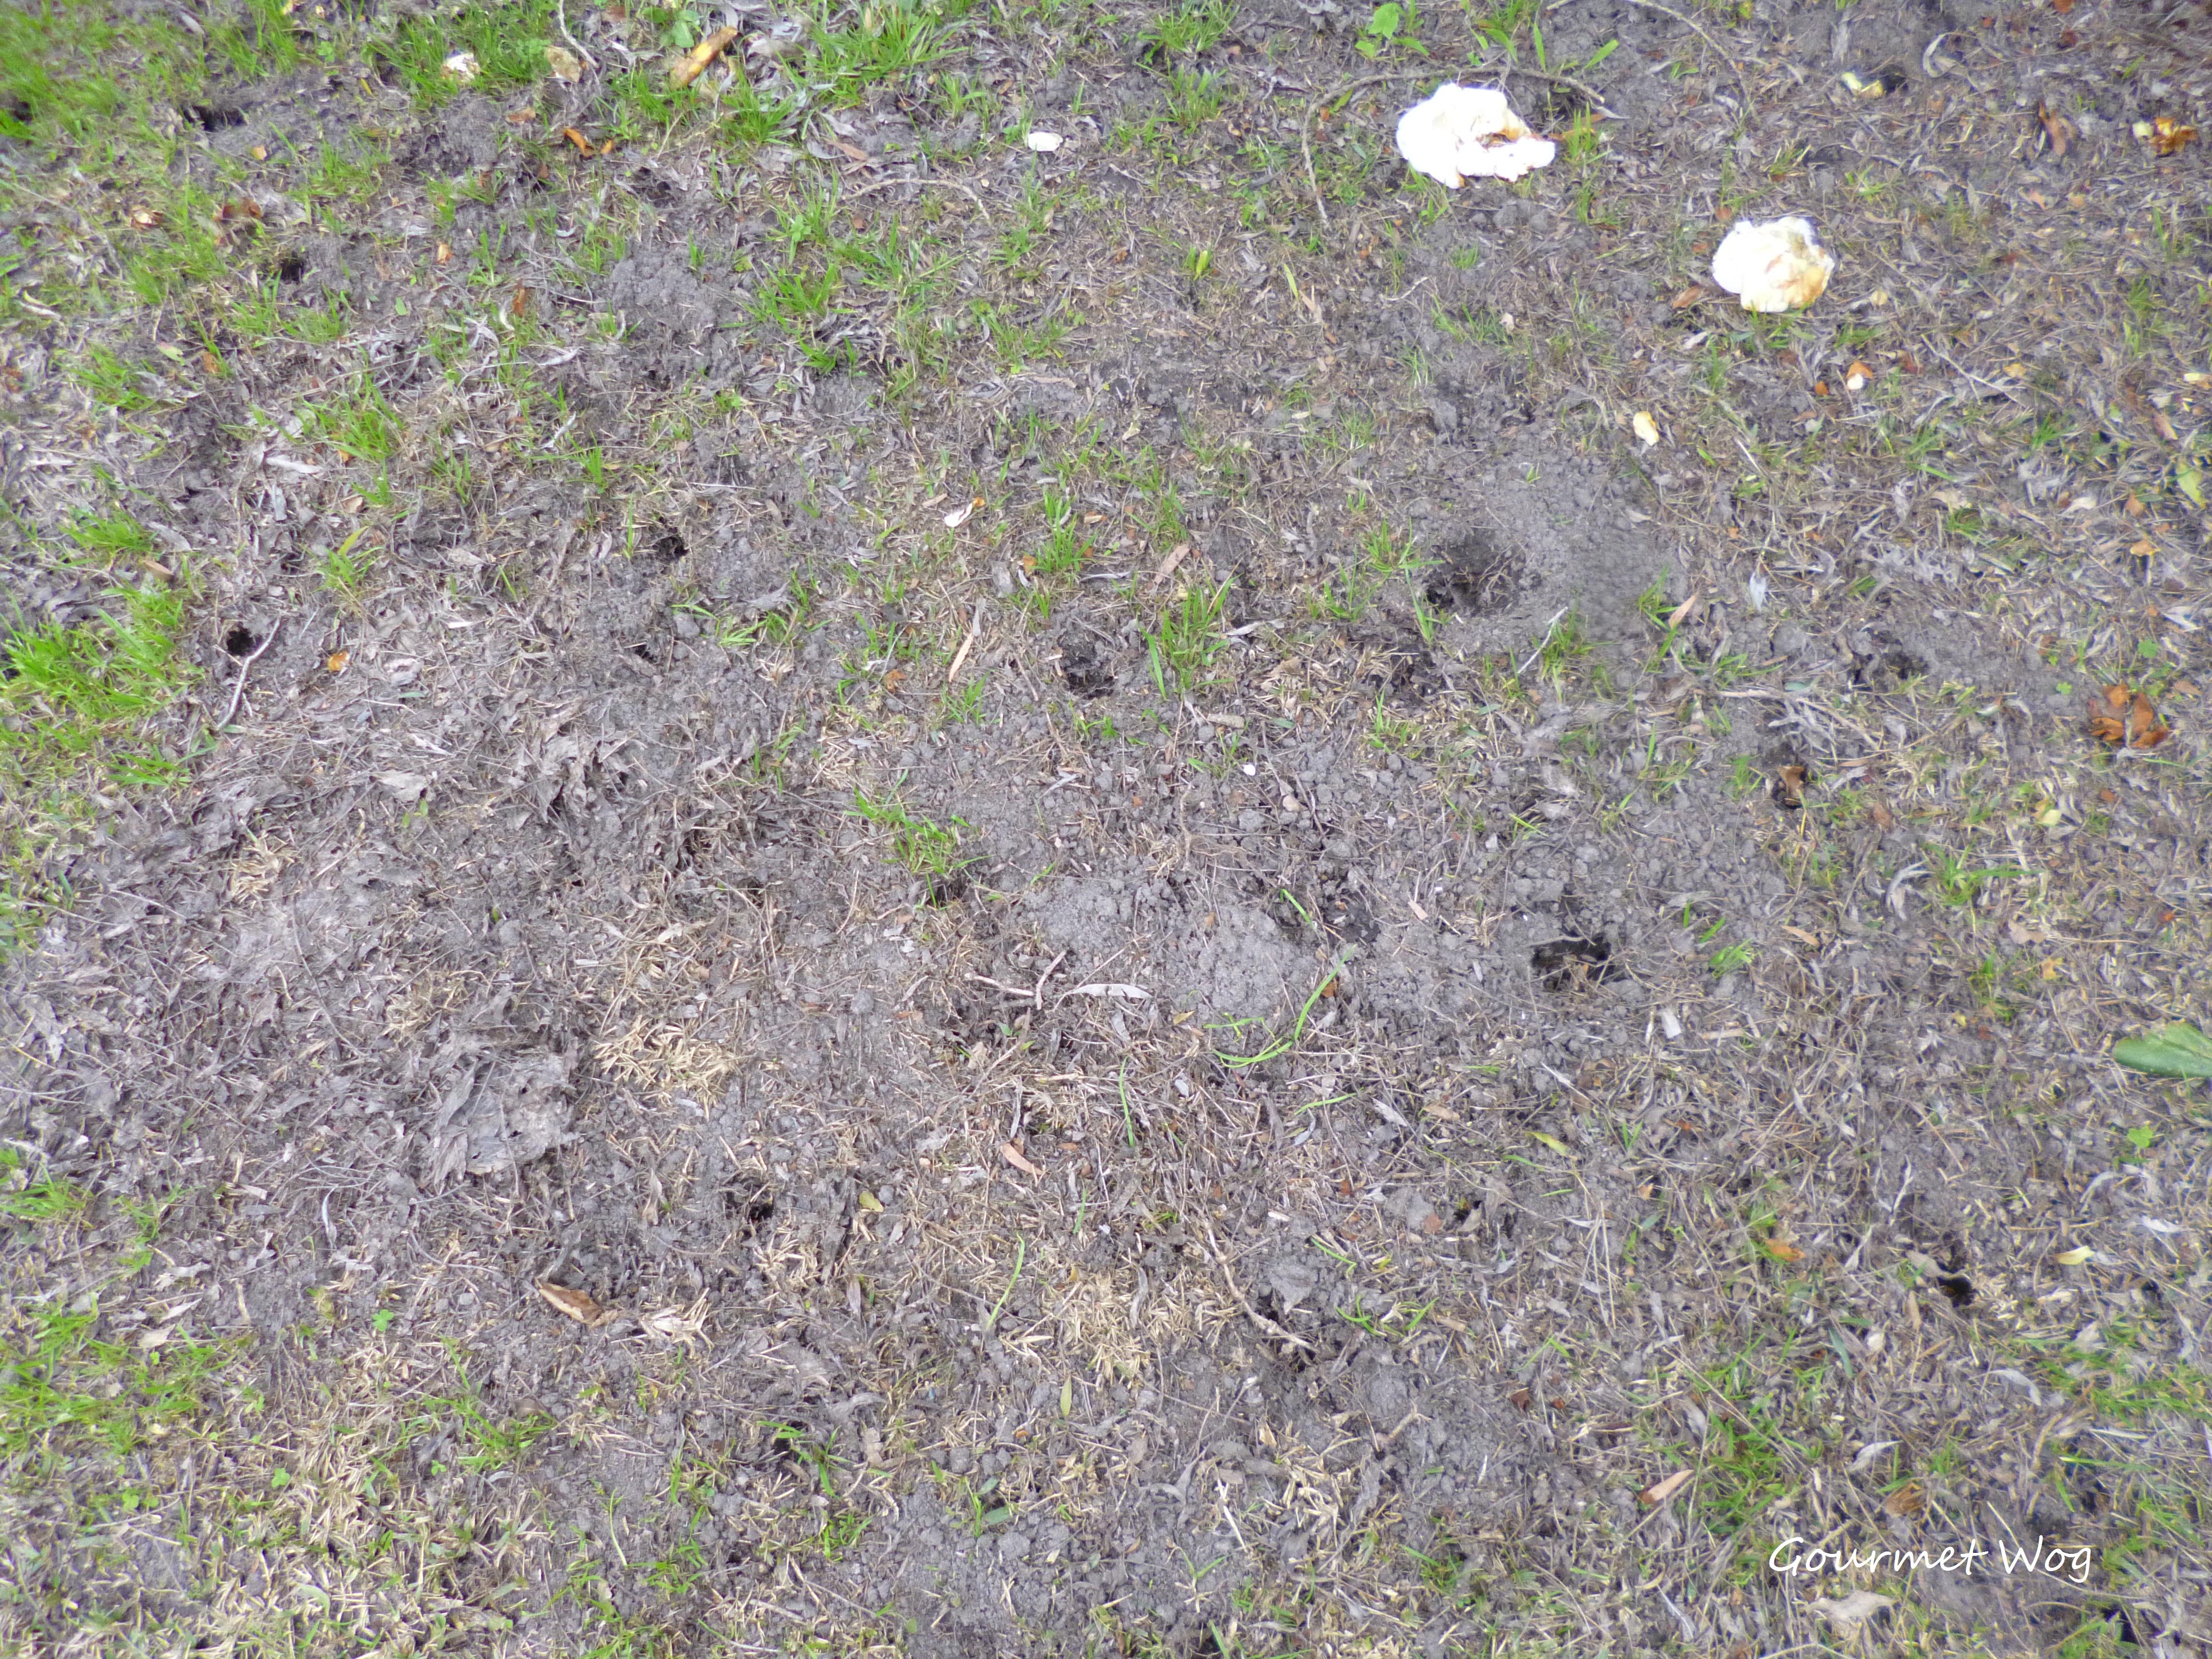 Gardener digs a hole